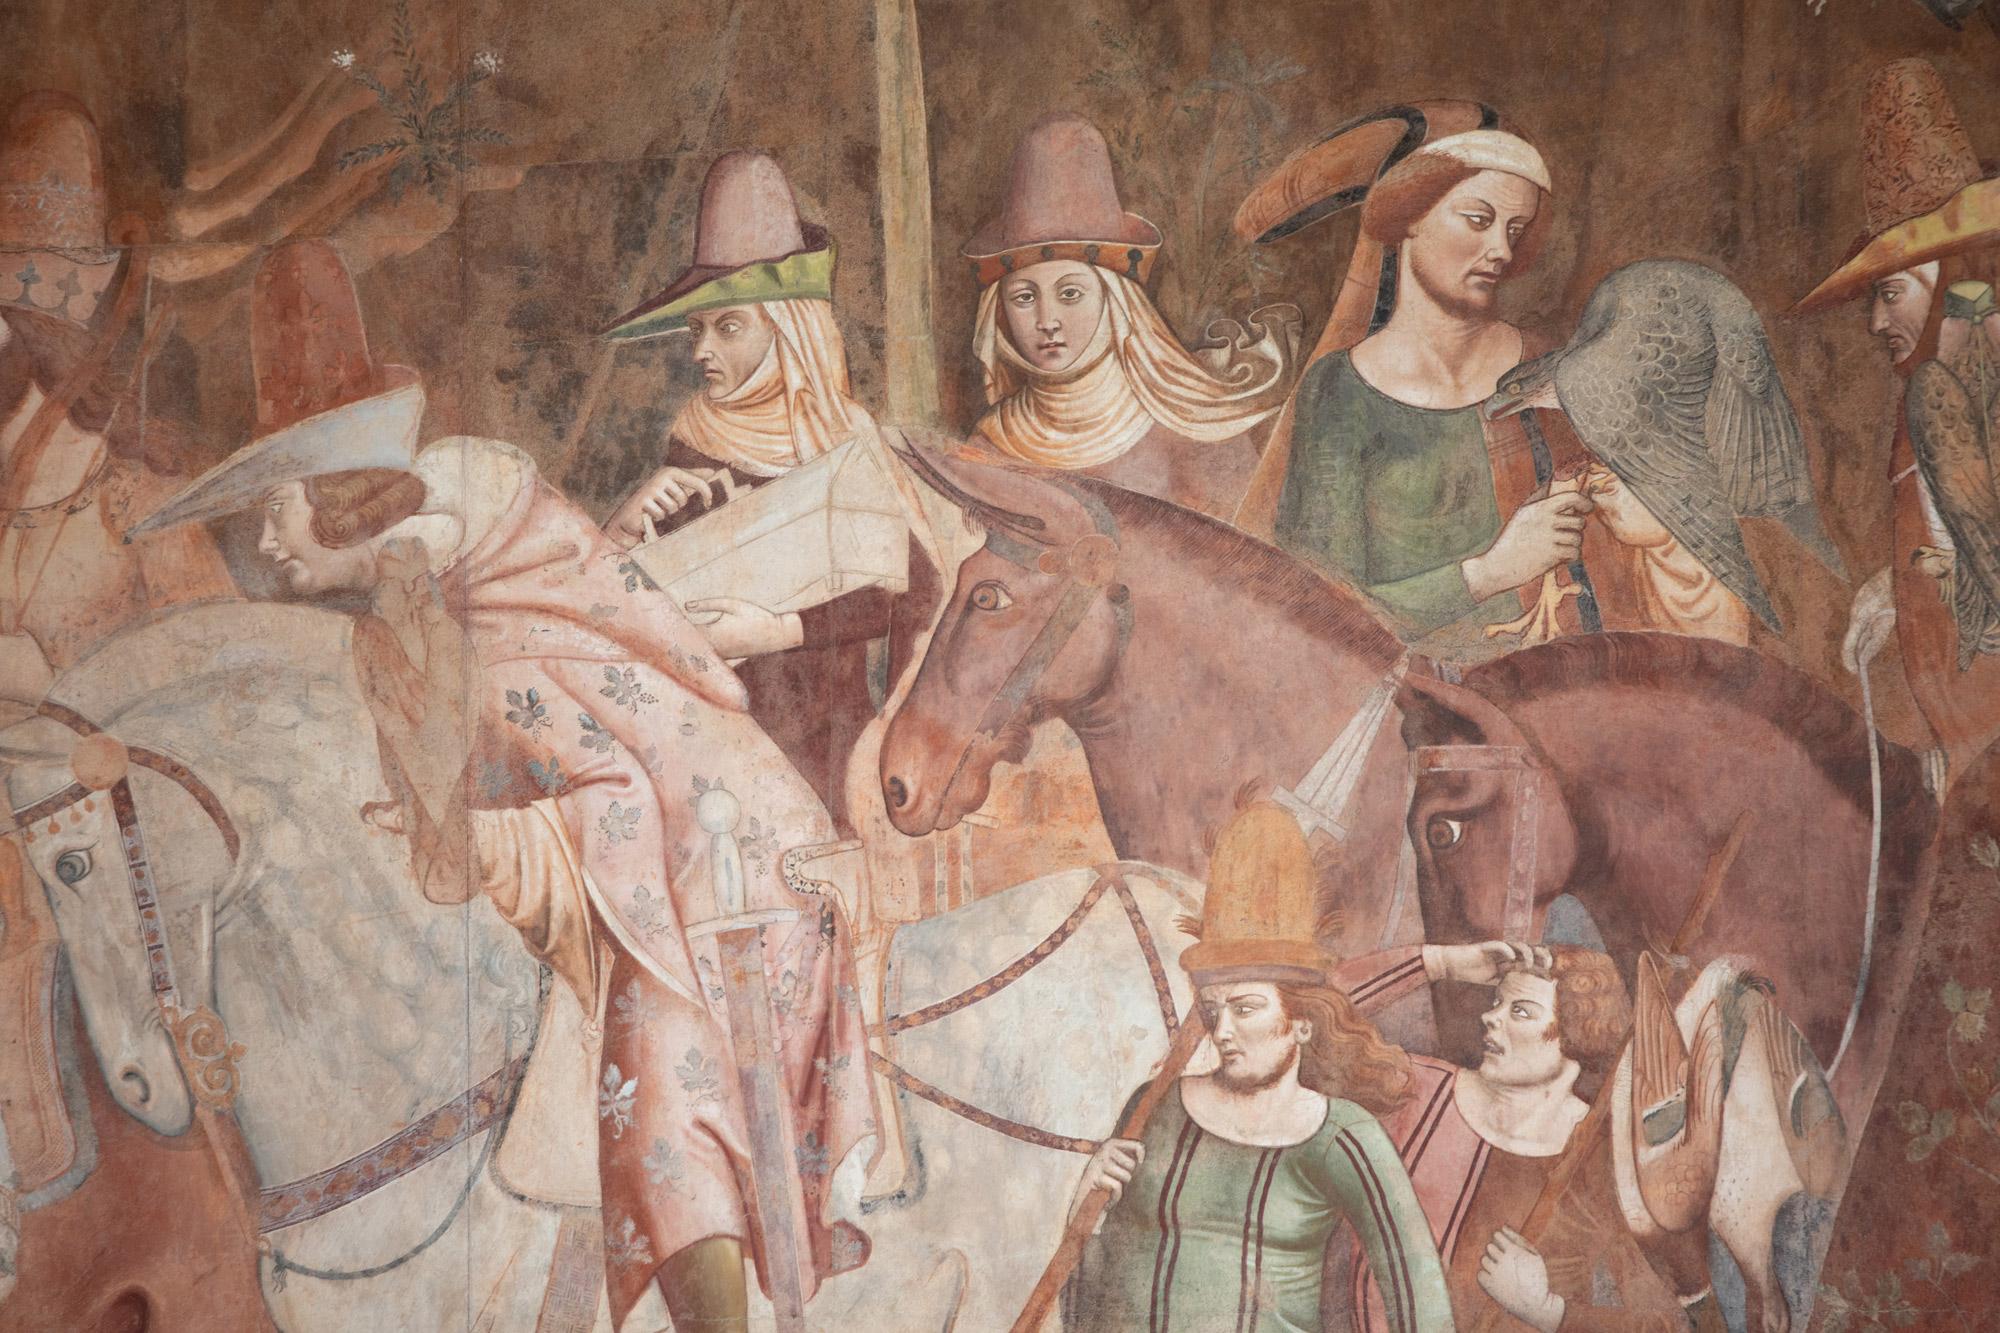 Bonamico Buffalmacco, Trionfo della Morte, dettaglio dell'allegra cavalcata